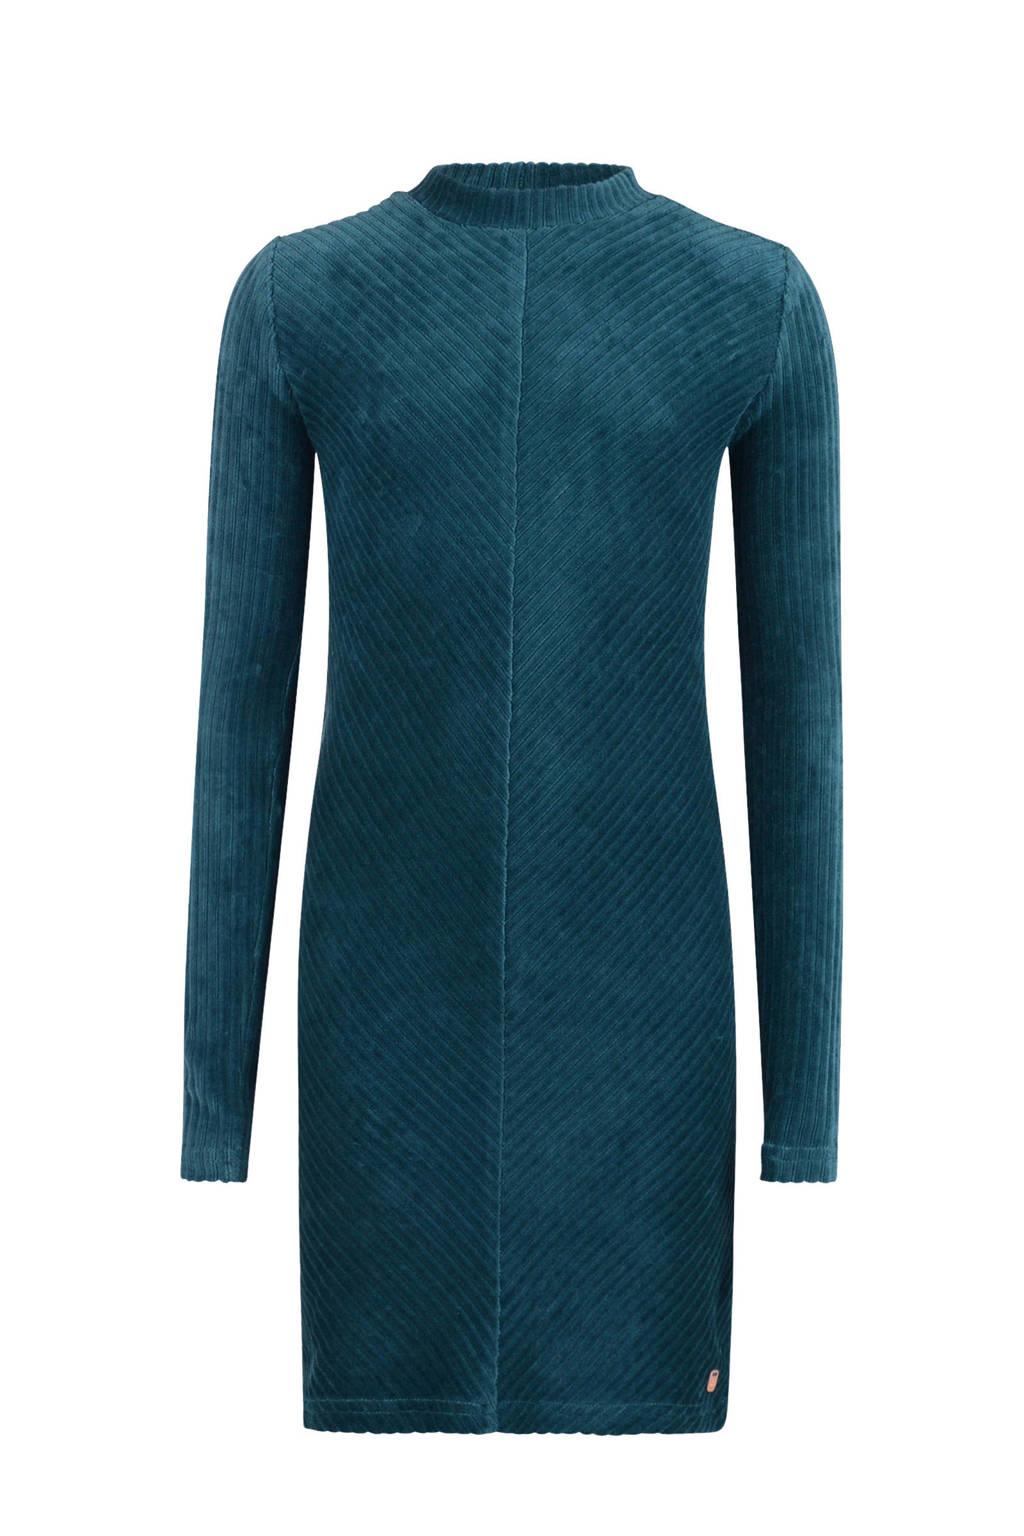 Jill gestreepte fluwelen jersey jurk Mara blauw, Blauw